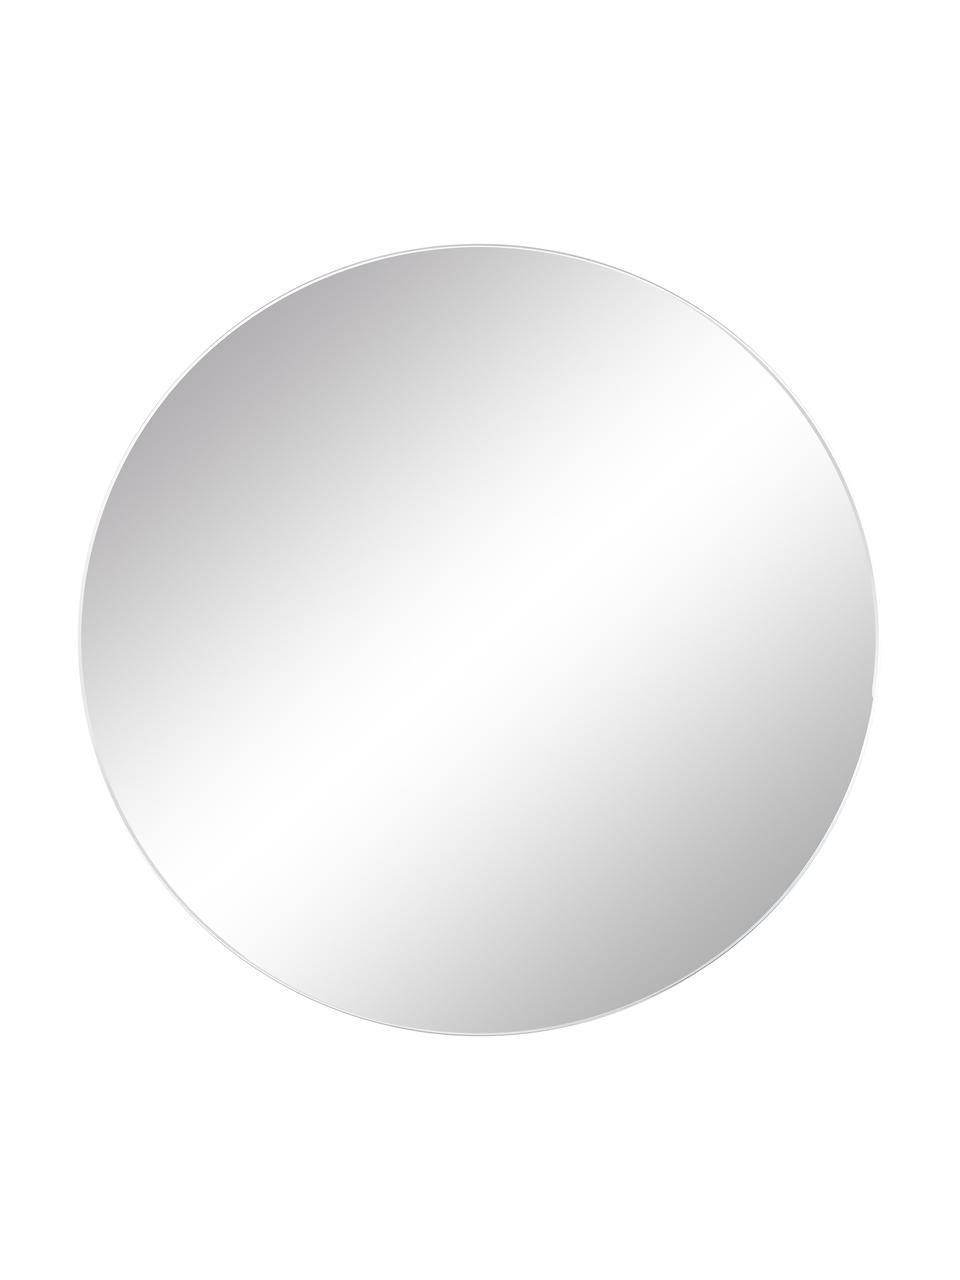 Rahmenloser Wandspiegel Erin, Spiegelfläche: Spiegelglas, Rückseite: Mitteldichte Holzfaserpla, Spiegelfläche: SpiegelglasSpiegelaußenkante: Schwarz, Ø 40 cm